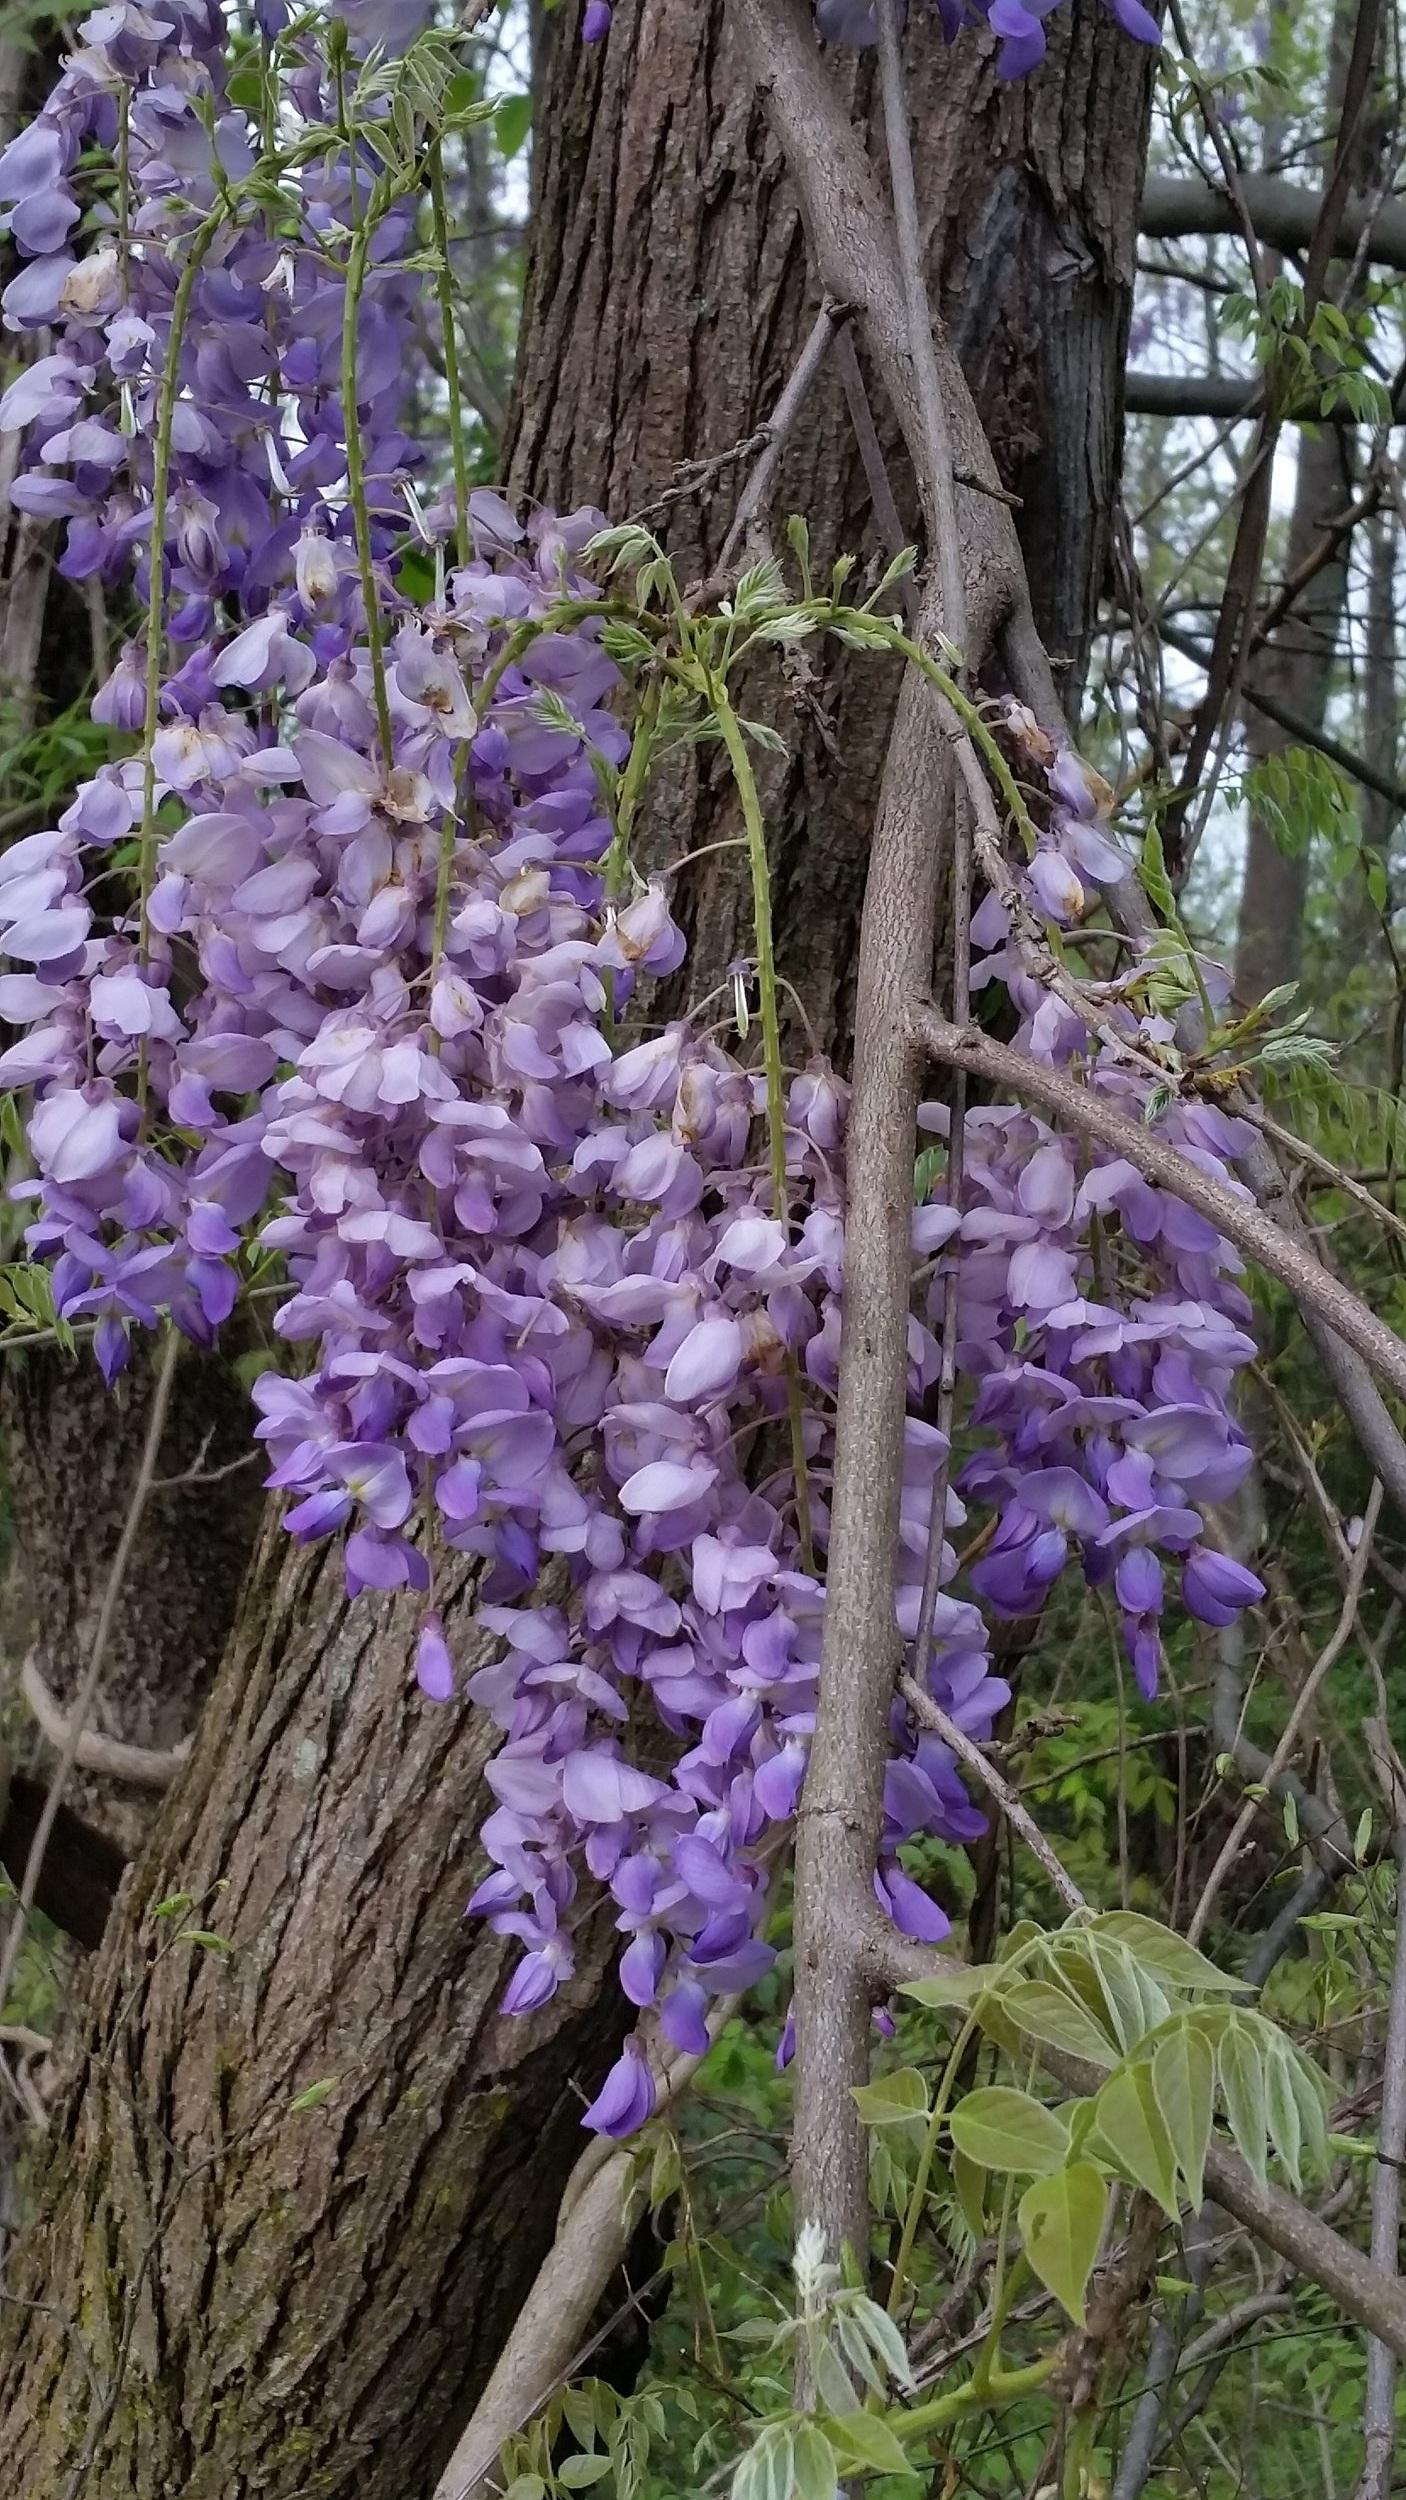 Bloom cluster.